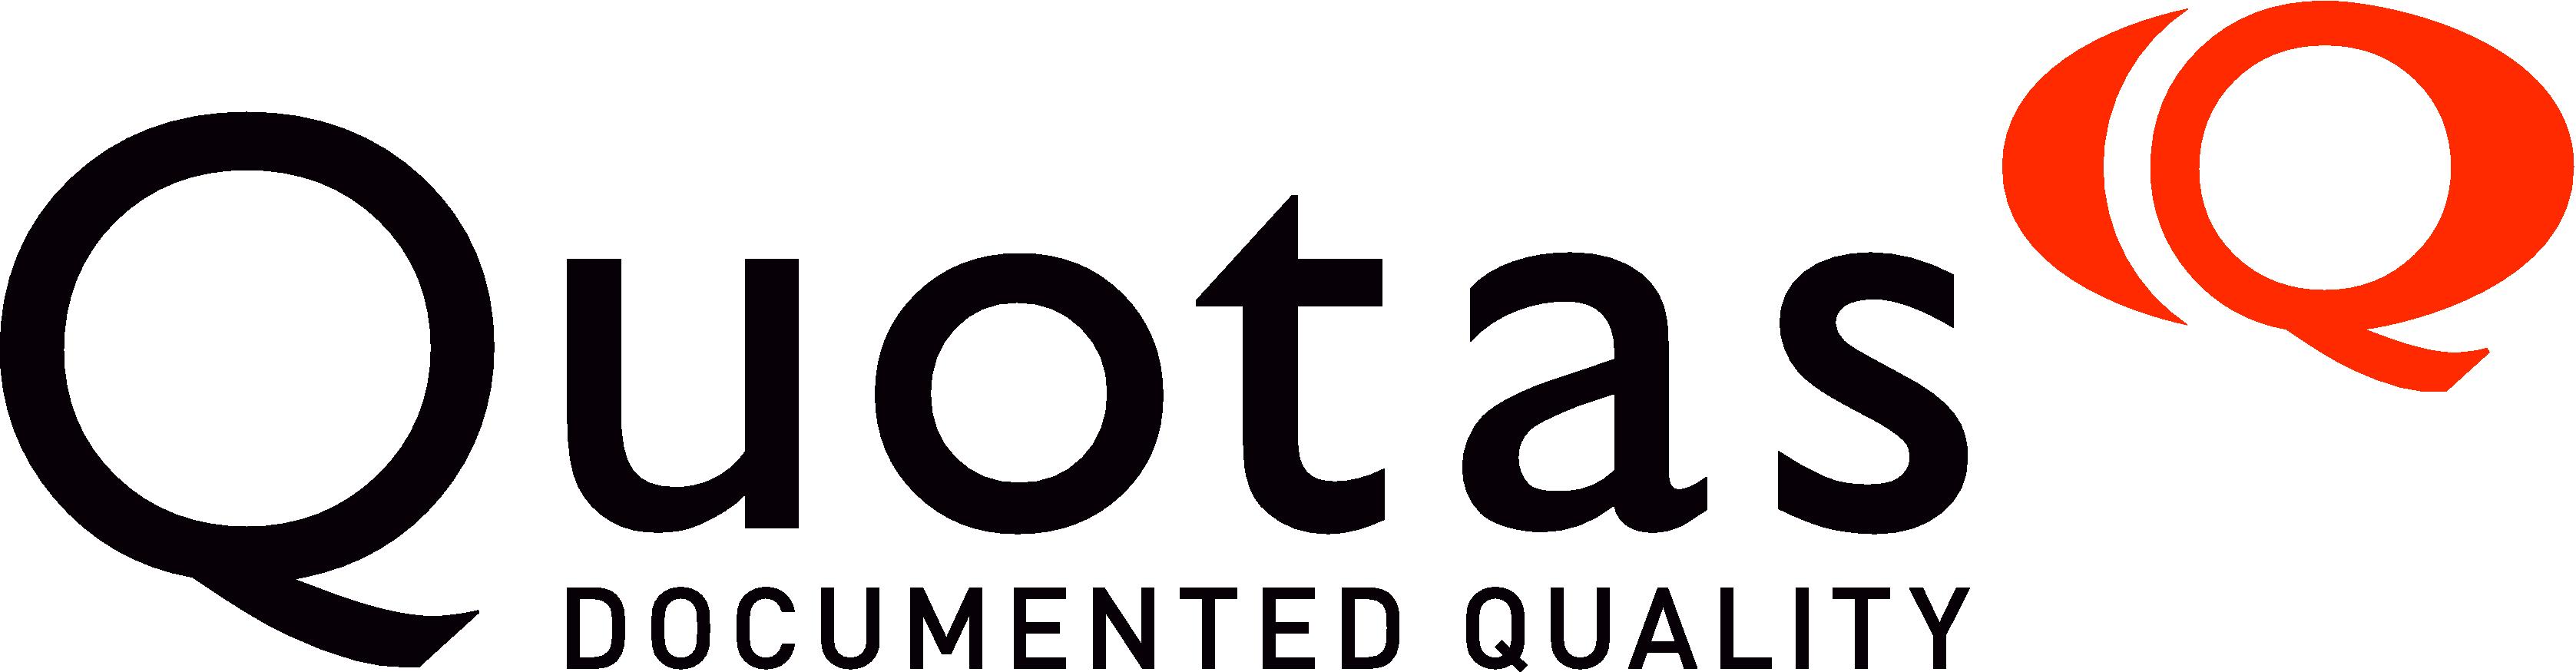 Quotas-Logo